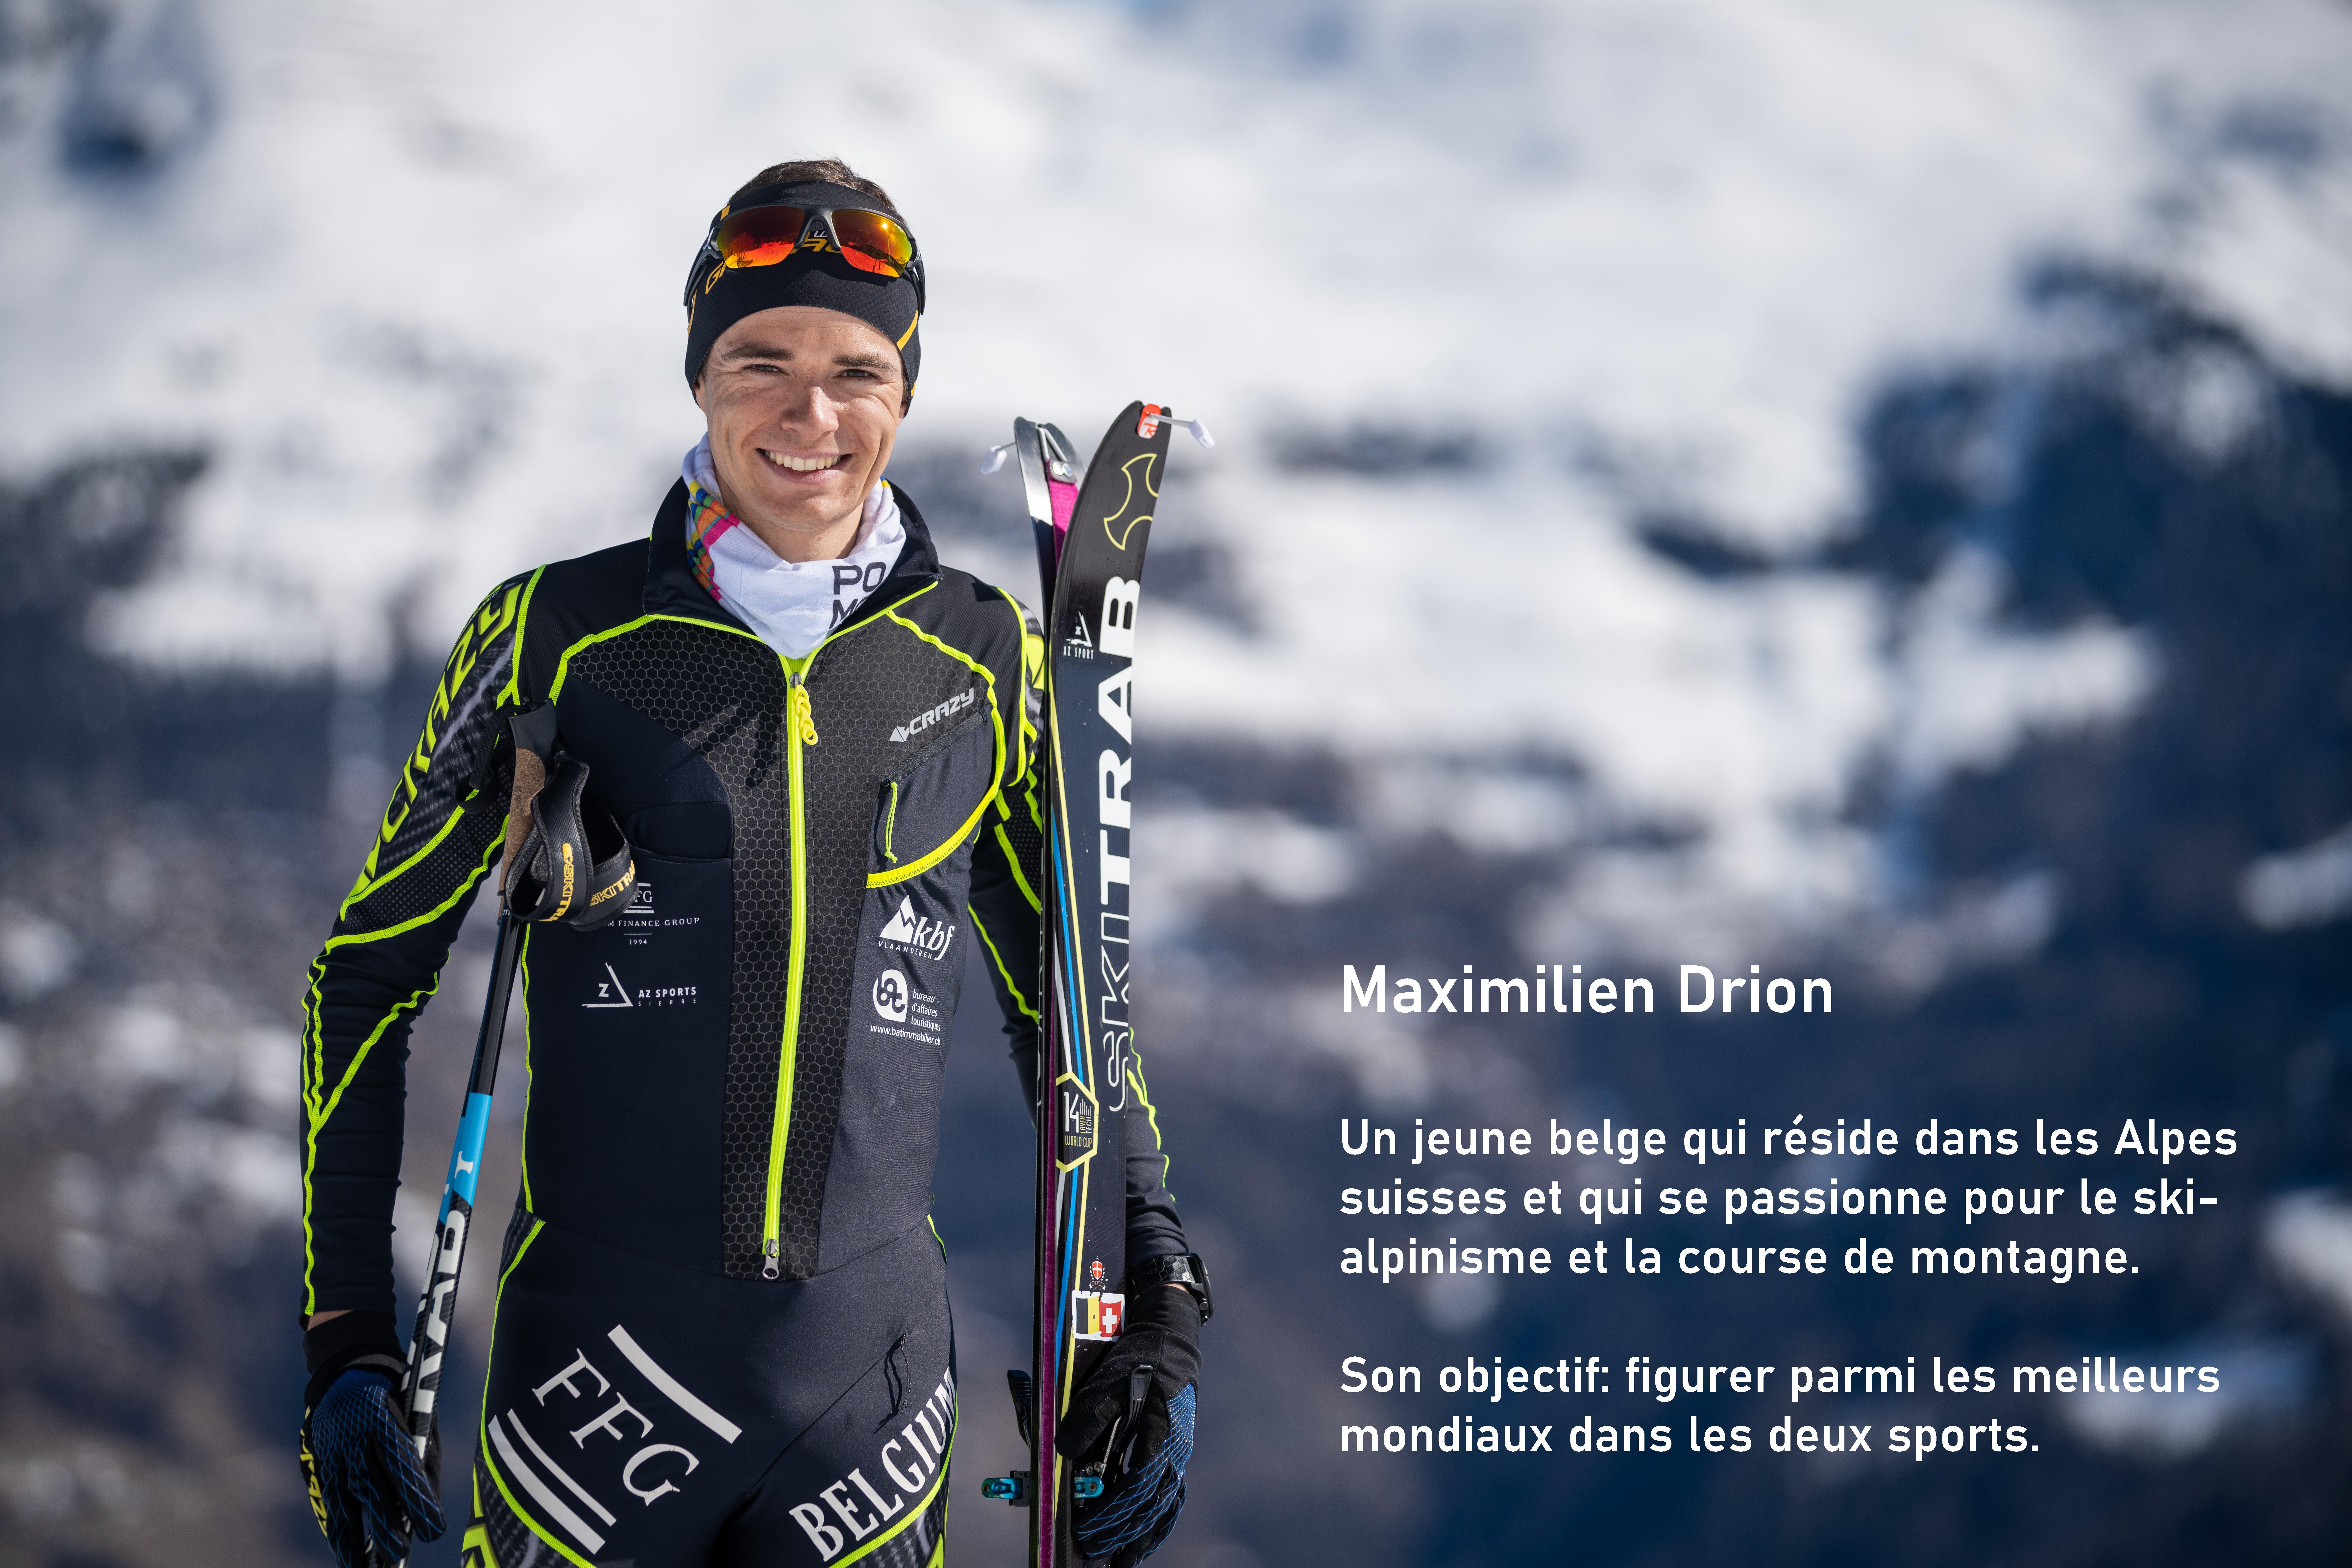 Maximilien Drion